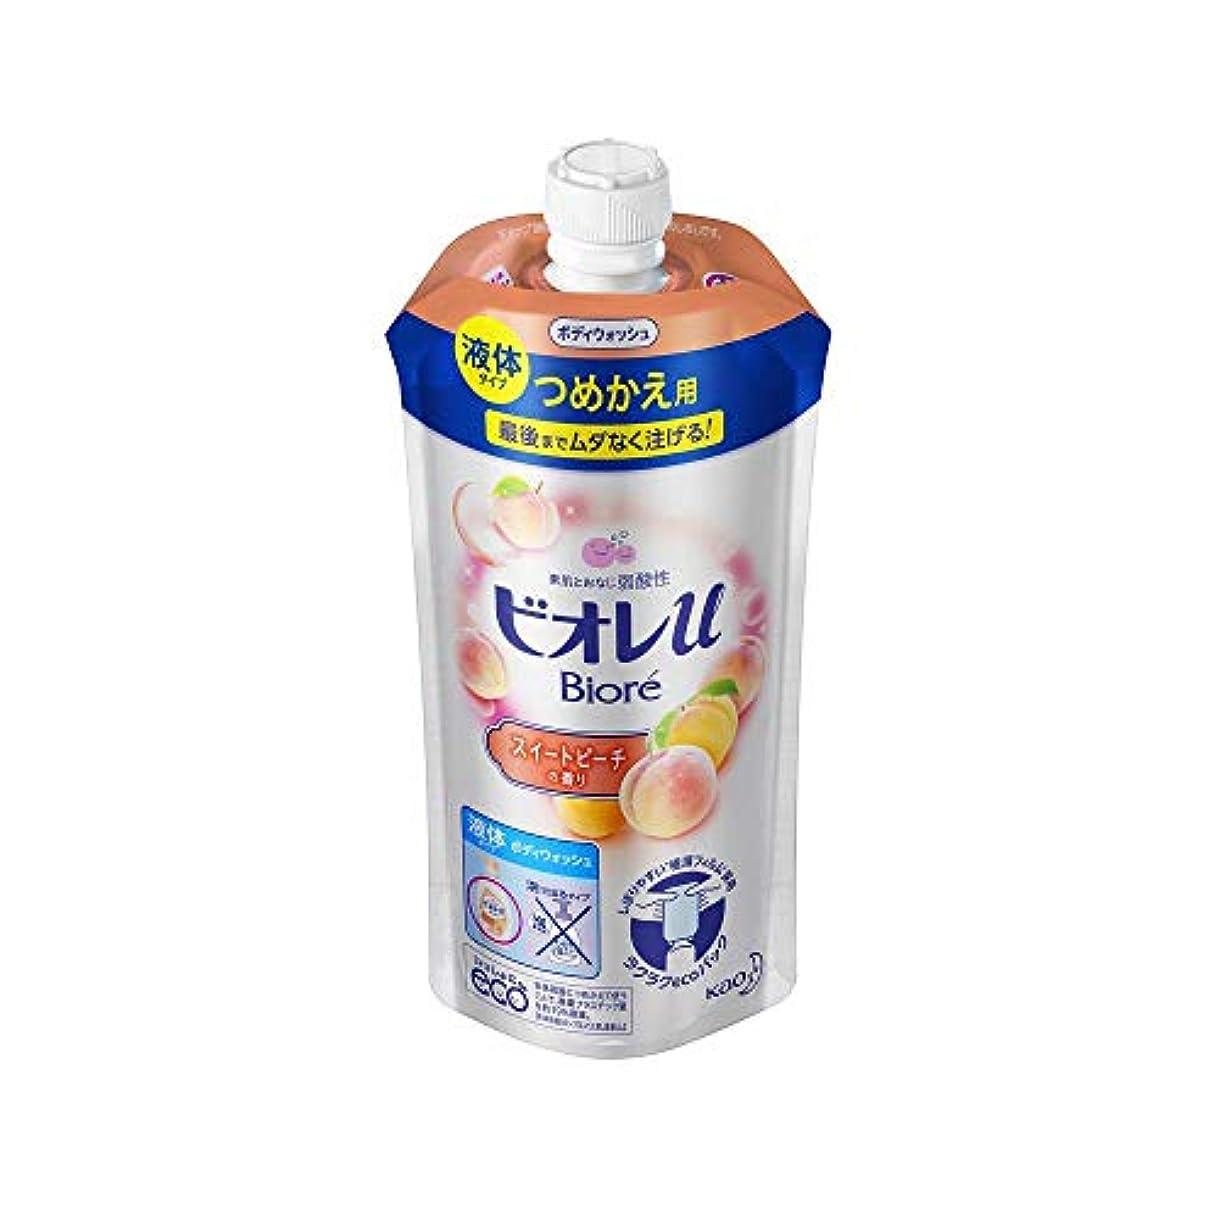 確実有限まで花王 ビオレu スイートピーチの香りつめかえ用 340ML